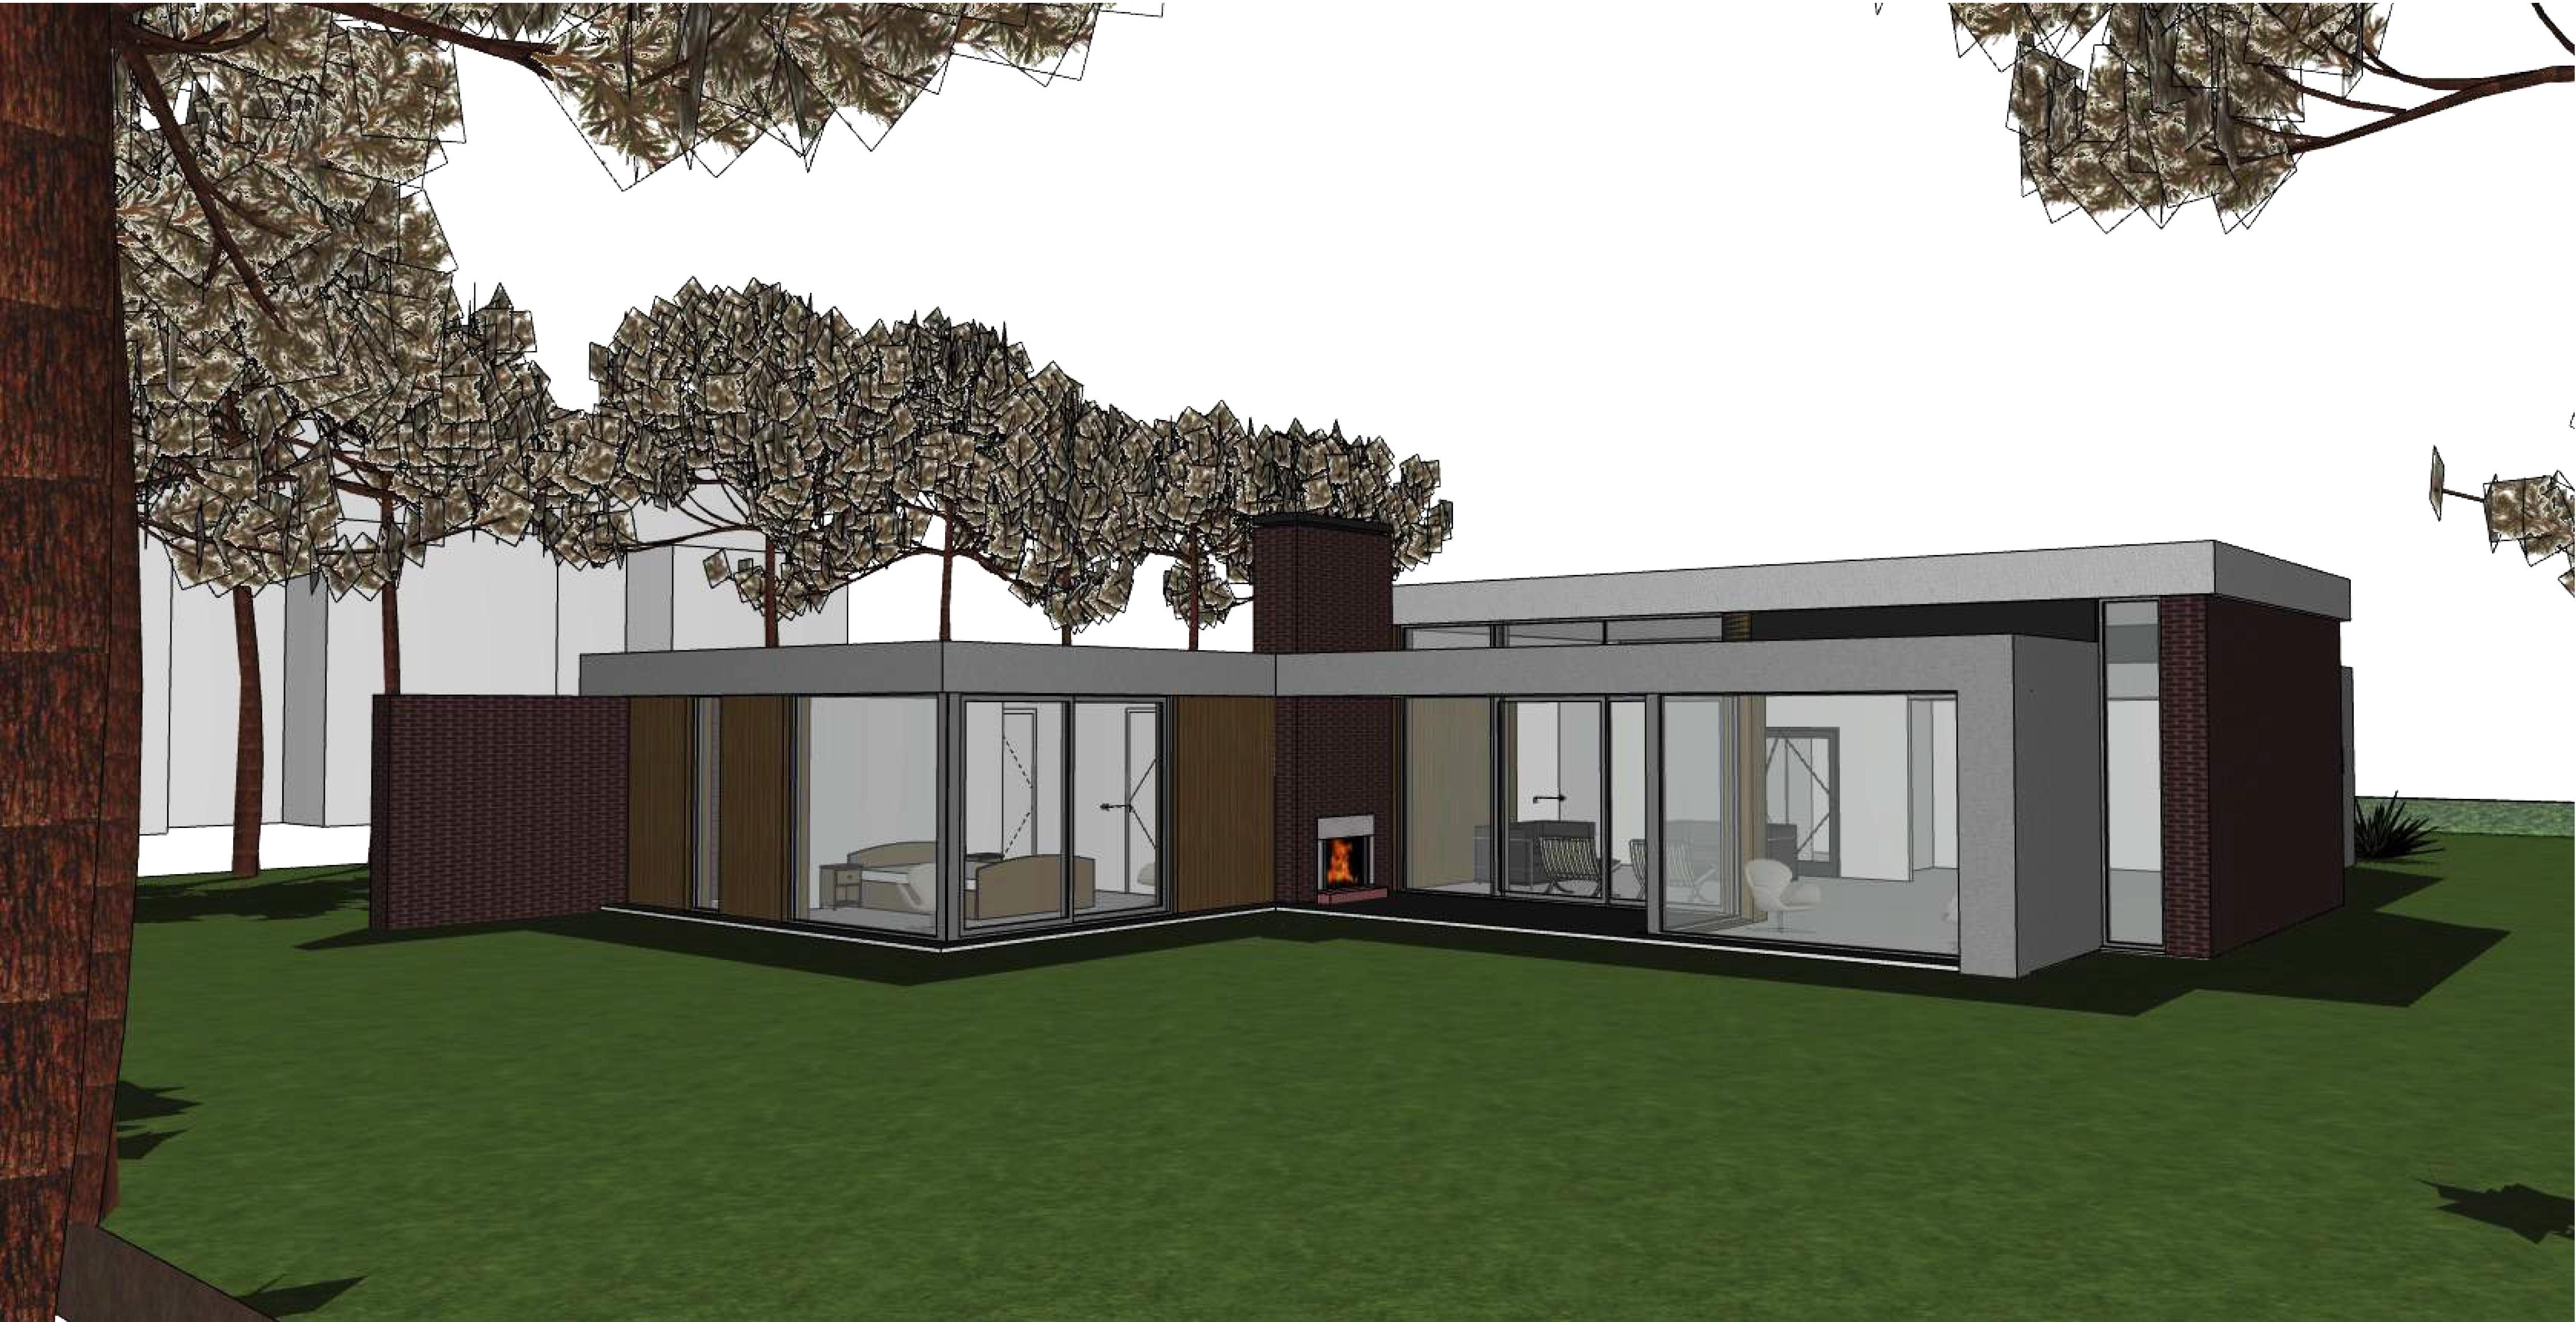 Architectenbureau a r10 nieuwbouwvilla heuvelrug maarn for Moderne villa architectuur